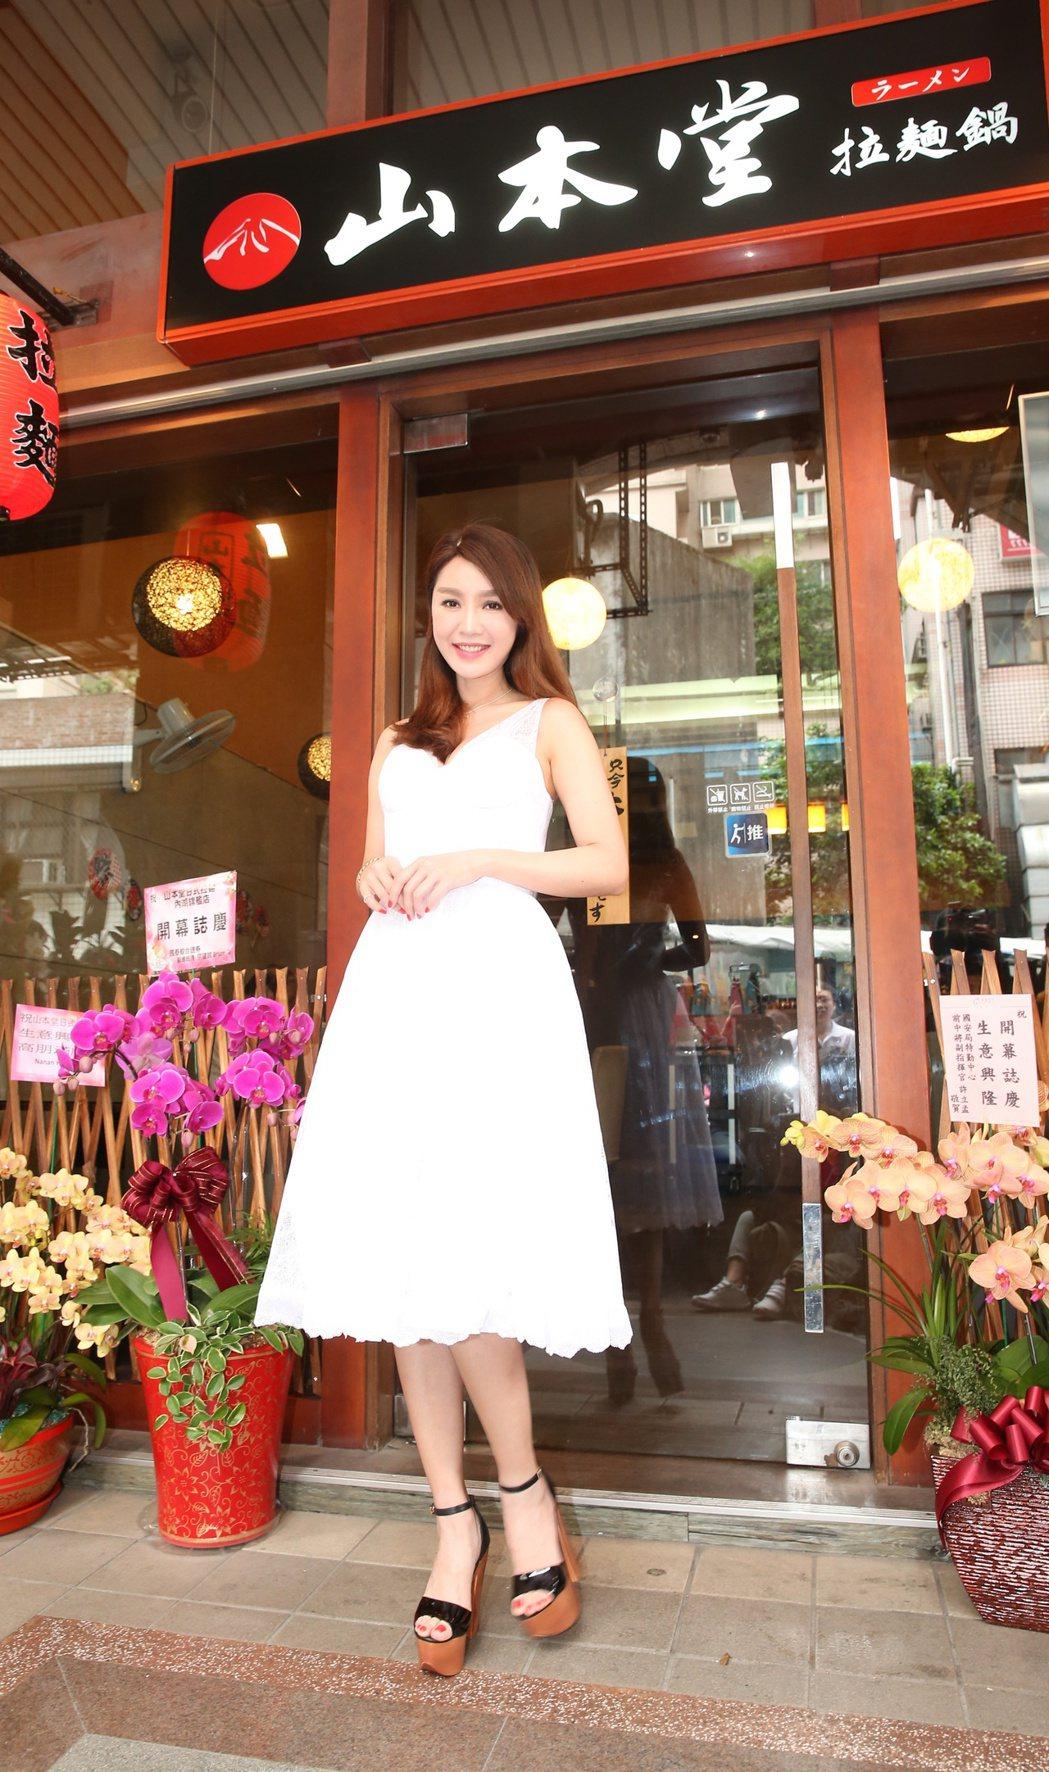 海倫清桃為緋聞男友胸肌男的拉麵店站台。記者陳立凱/攝影